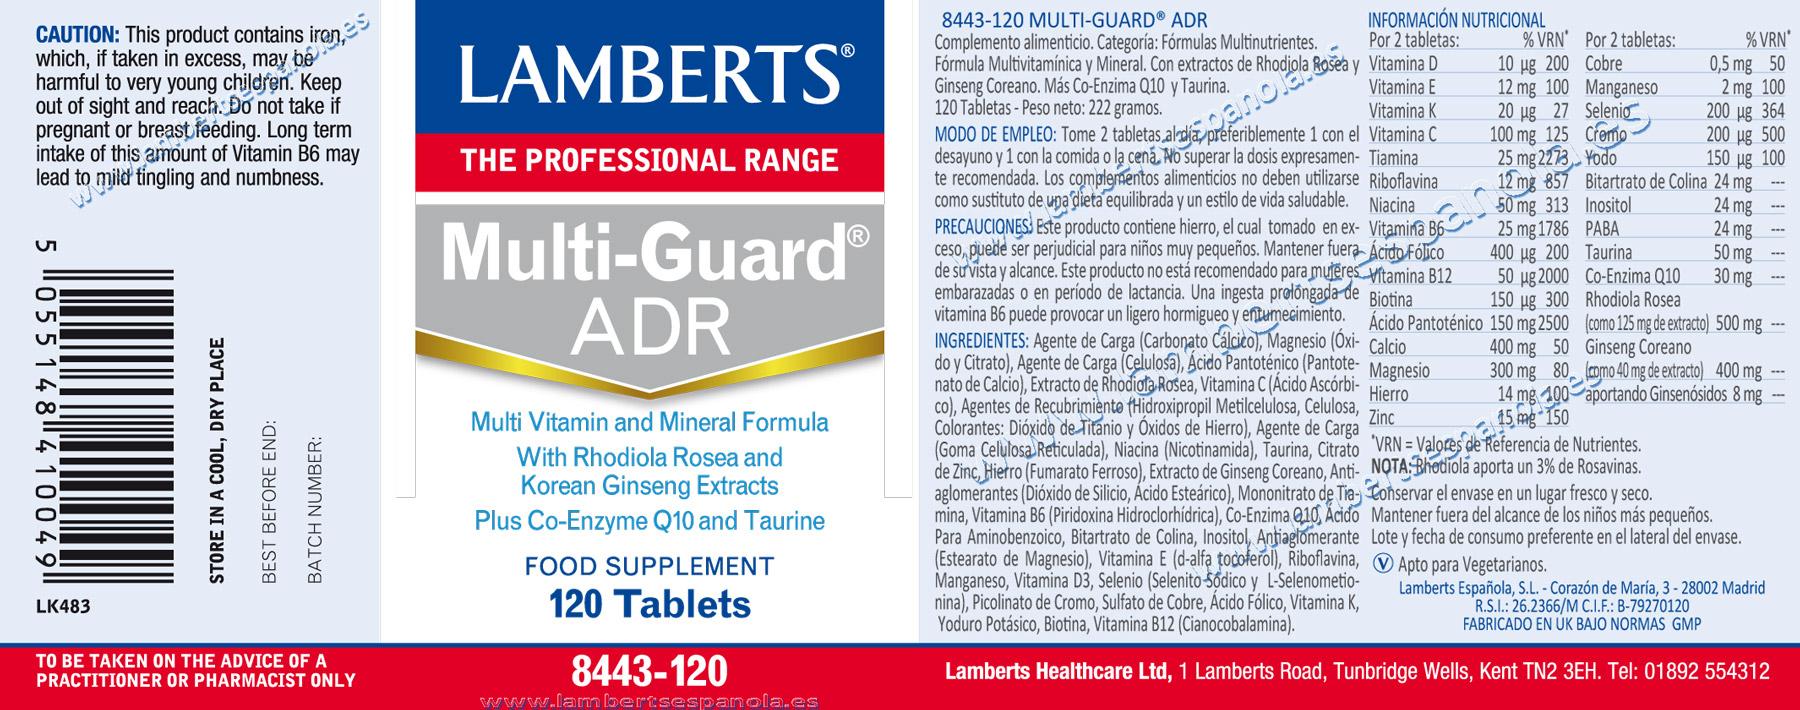 Multiguard ADR